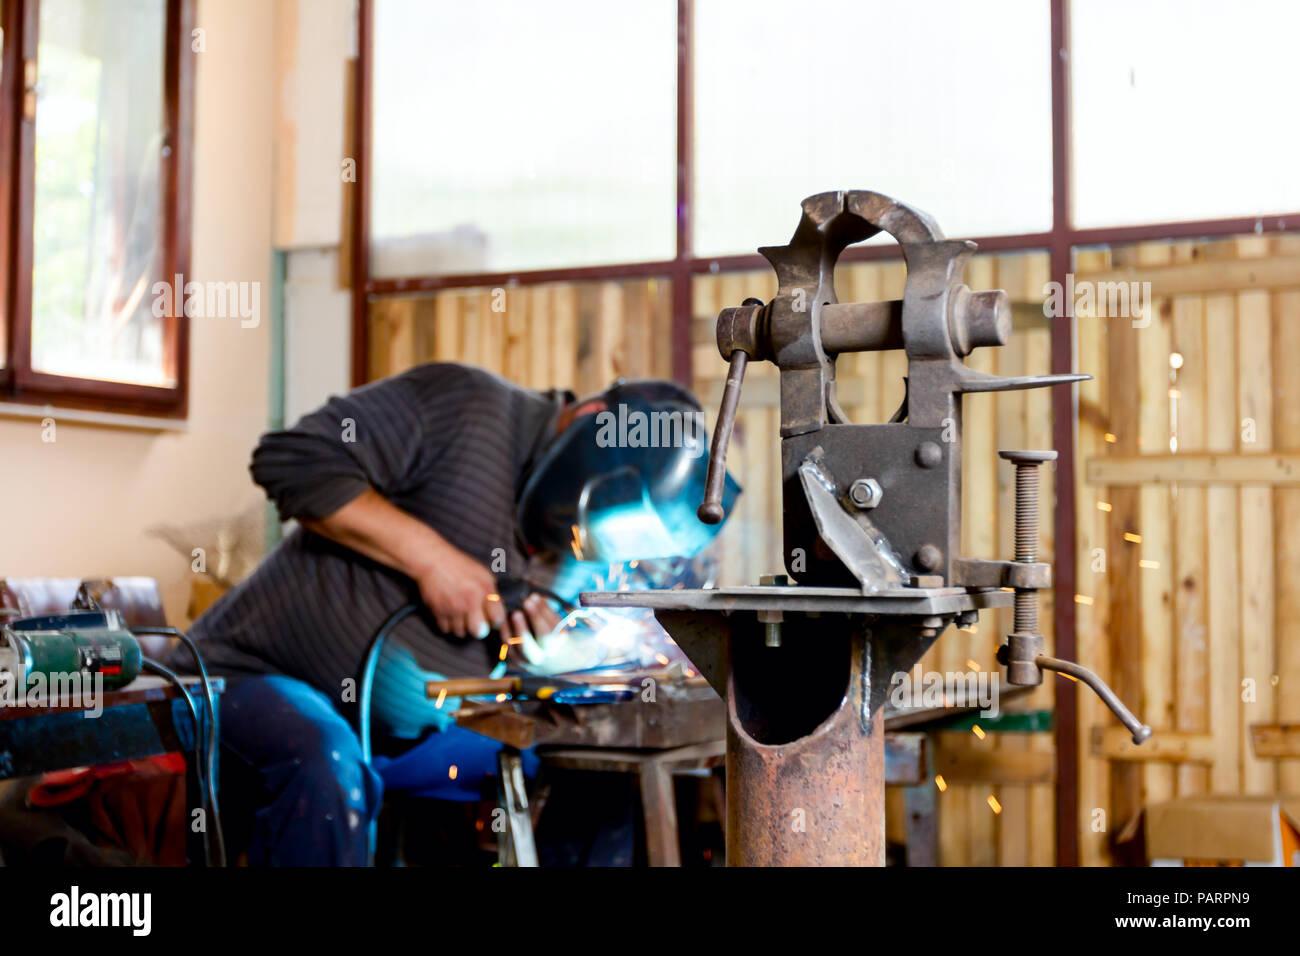 Dans l'outil industriel vice atelier pour appuyer le travail acharné. Outil pour le travail des métaux, la fixation et le serrage Photo Stock